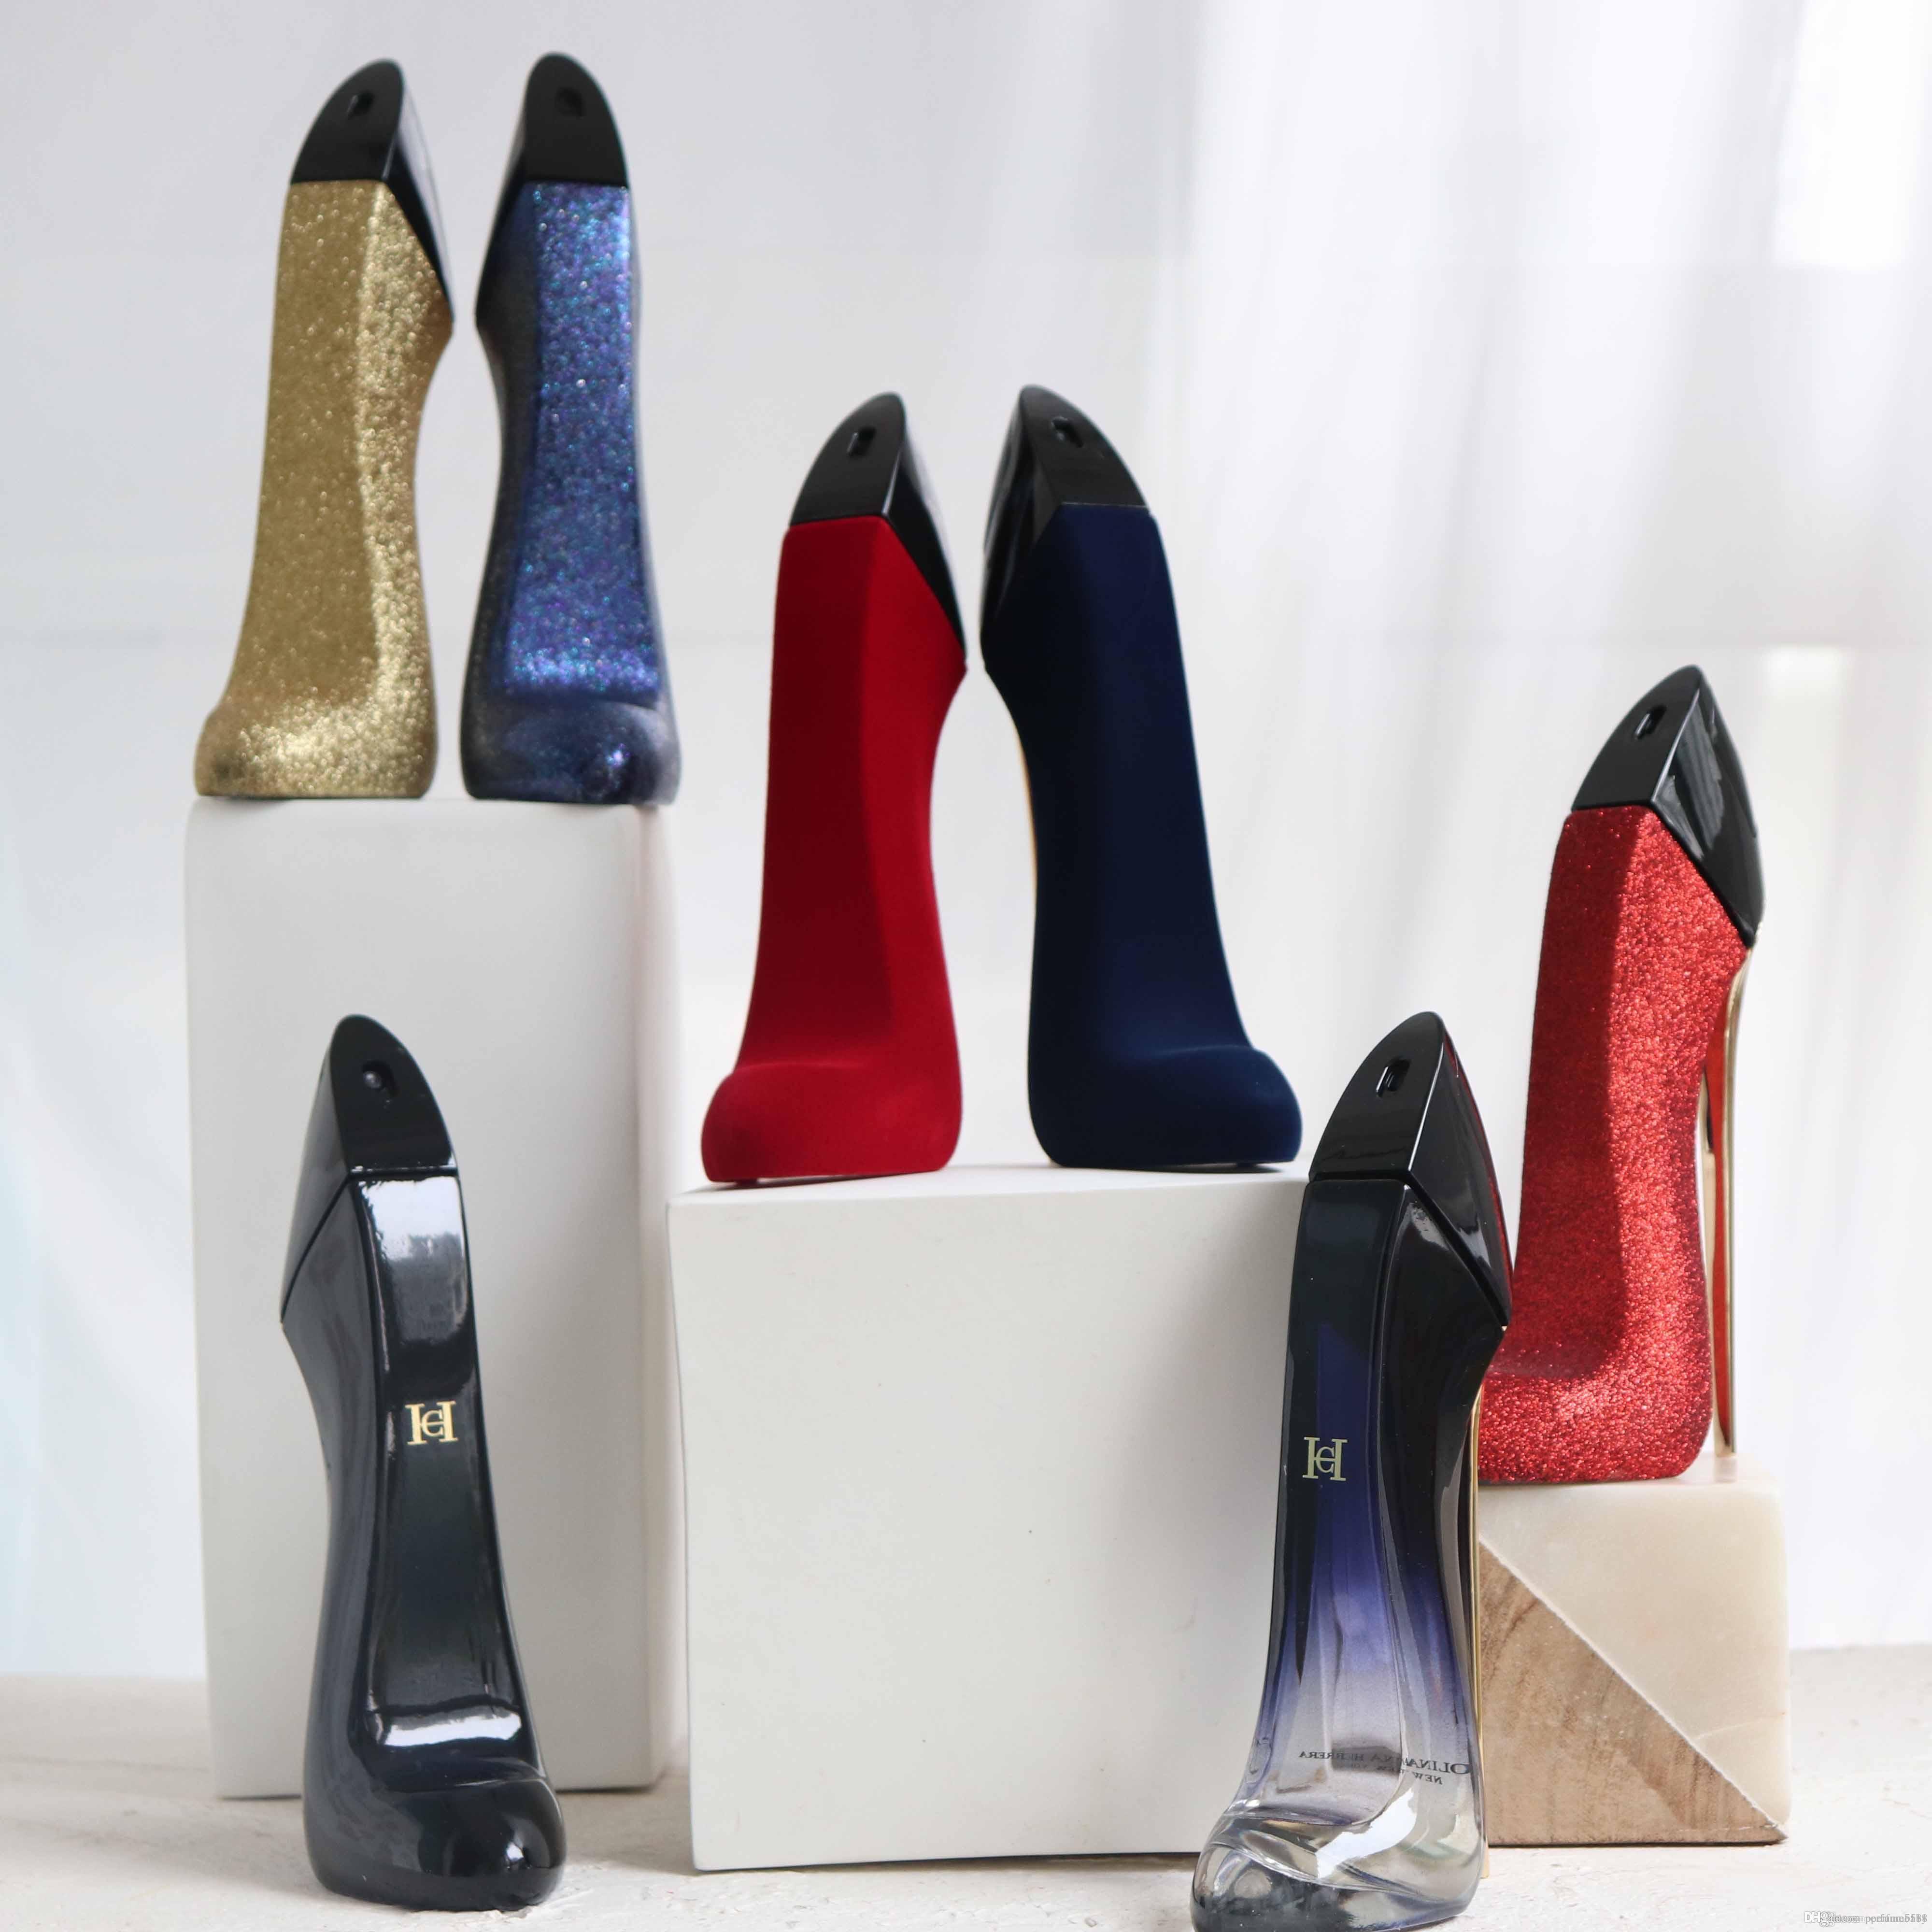 Acheter Cinq Saveurs Au Choix Livraison Gratuite Parfum Femme Good